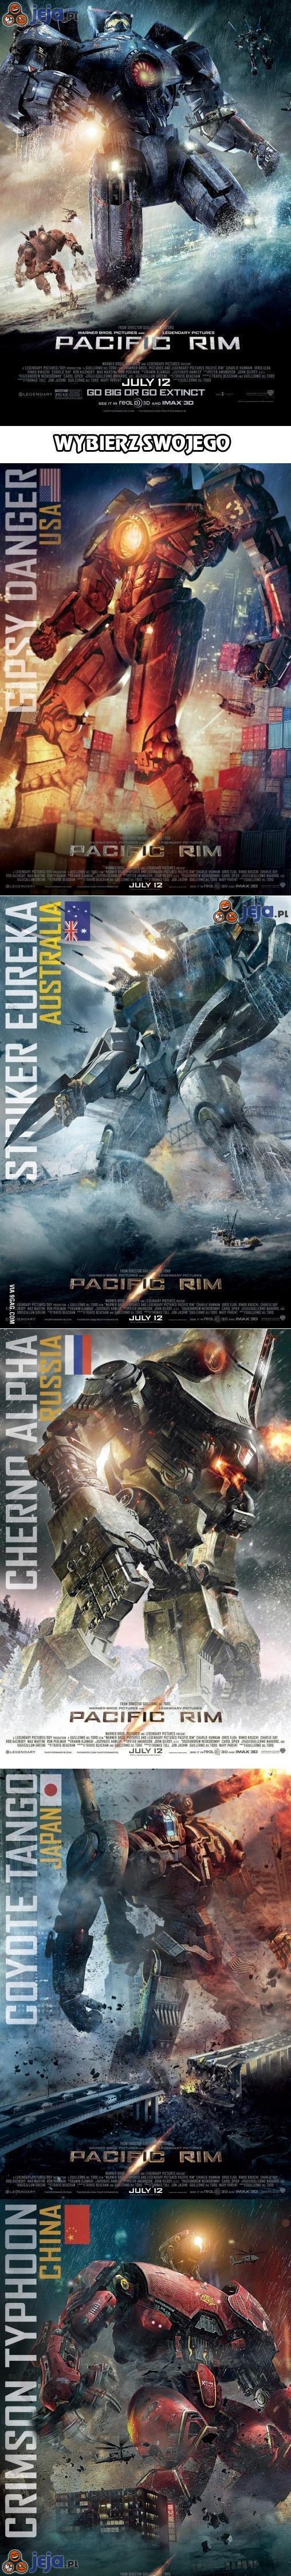 Pacific Rim - wybierz swojego robota